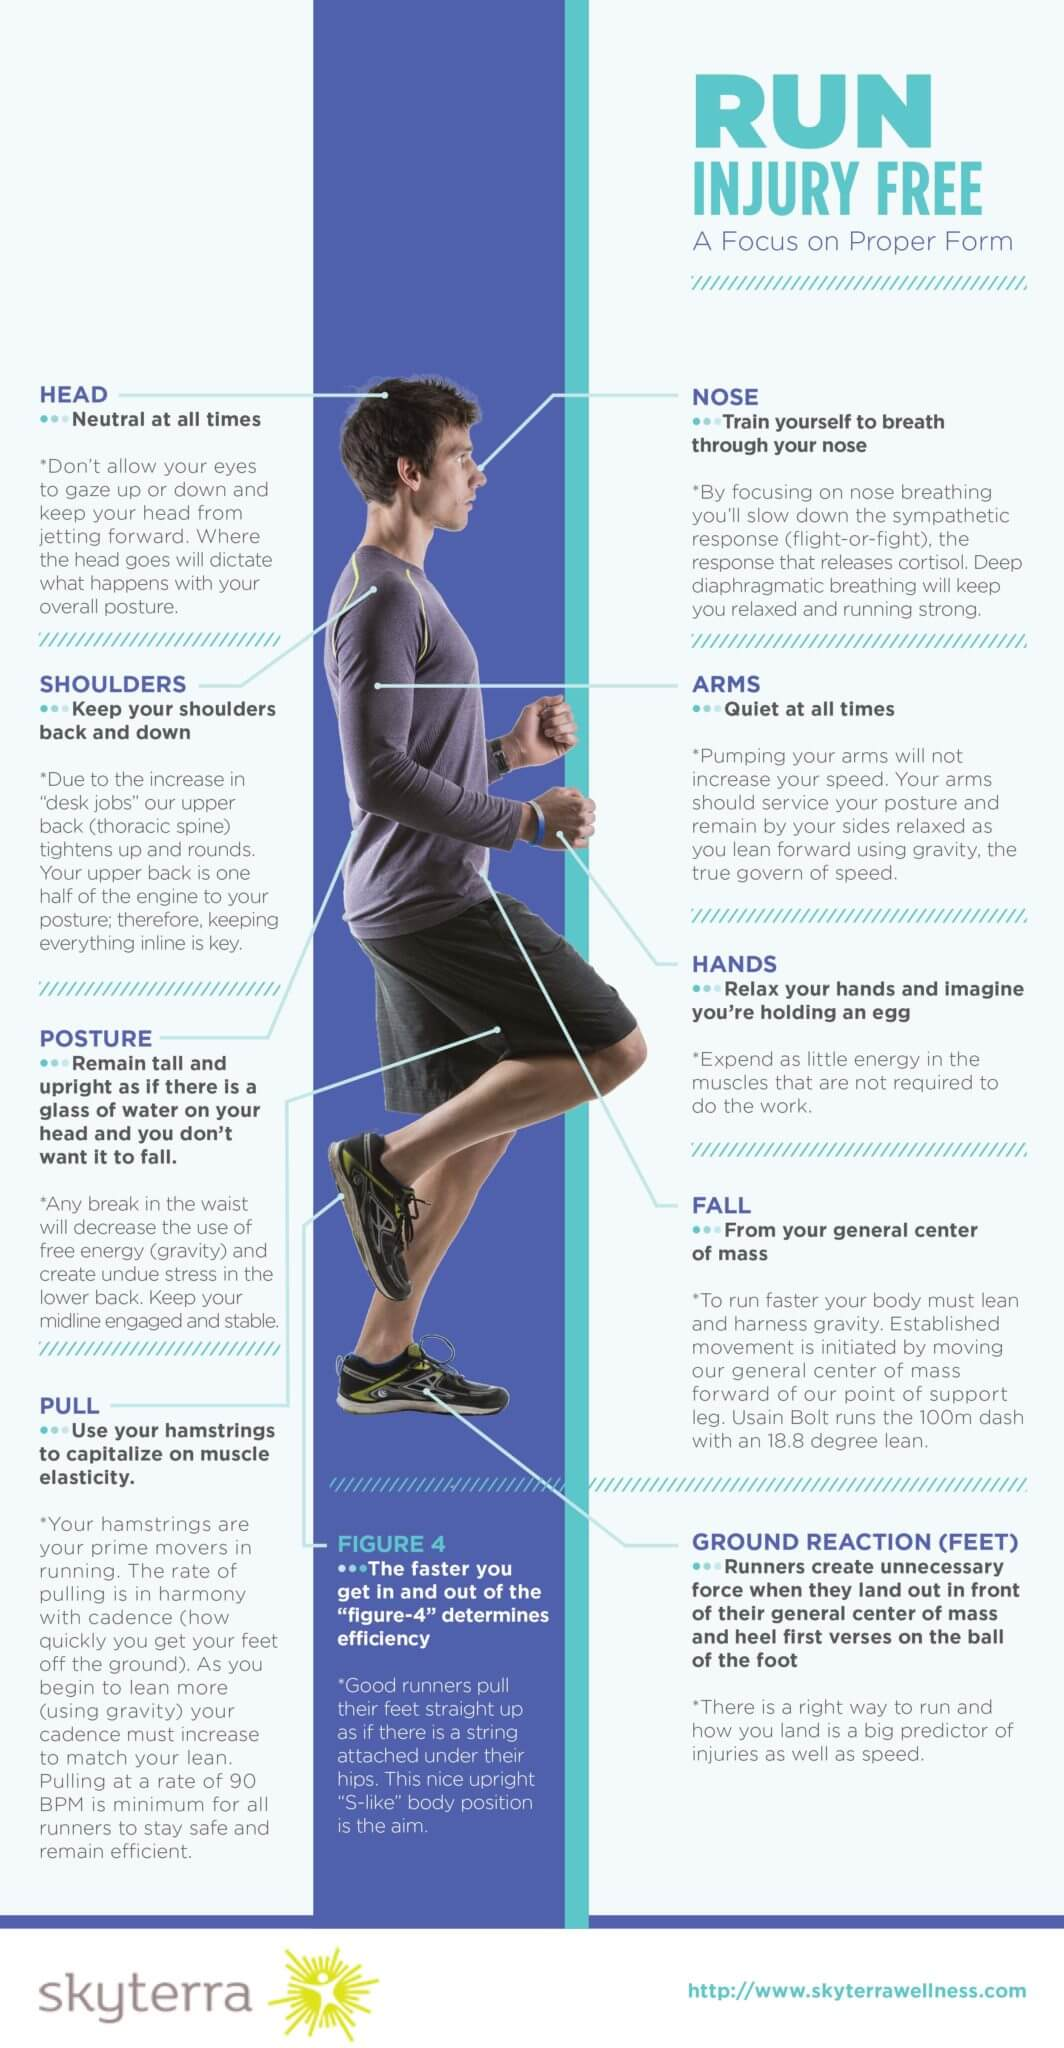 run injury free infographic